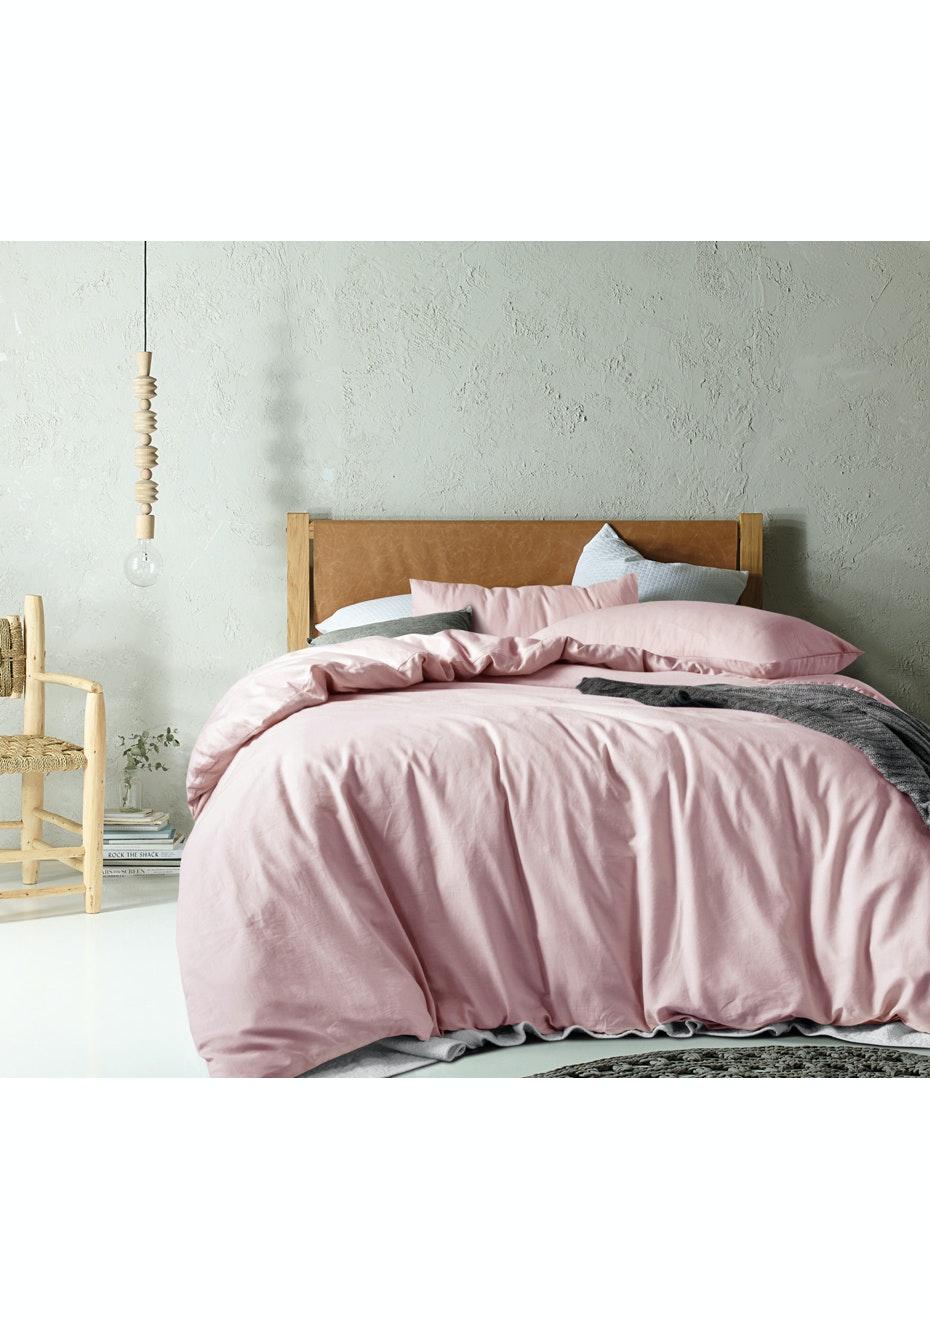 Linen/Cotton Blush Quilt Cover Set - Queen Bed